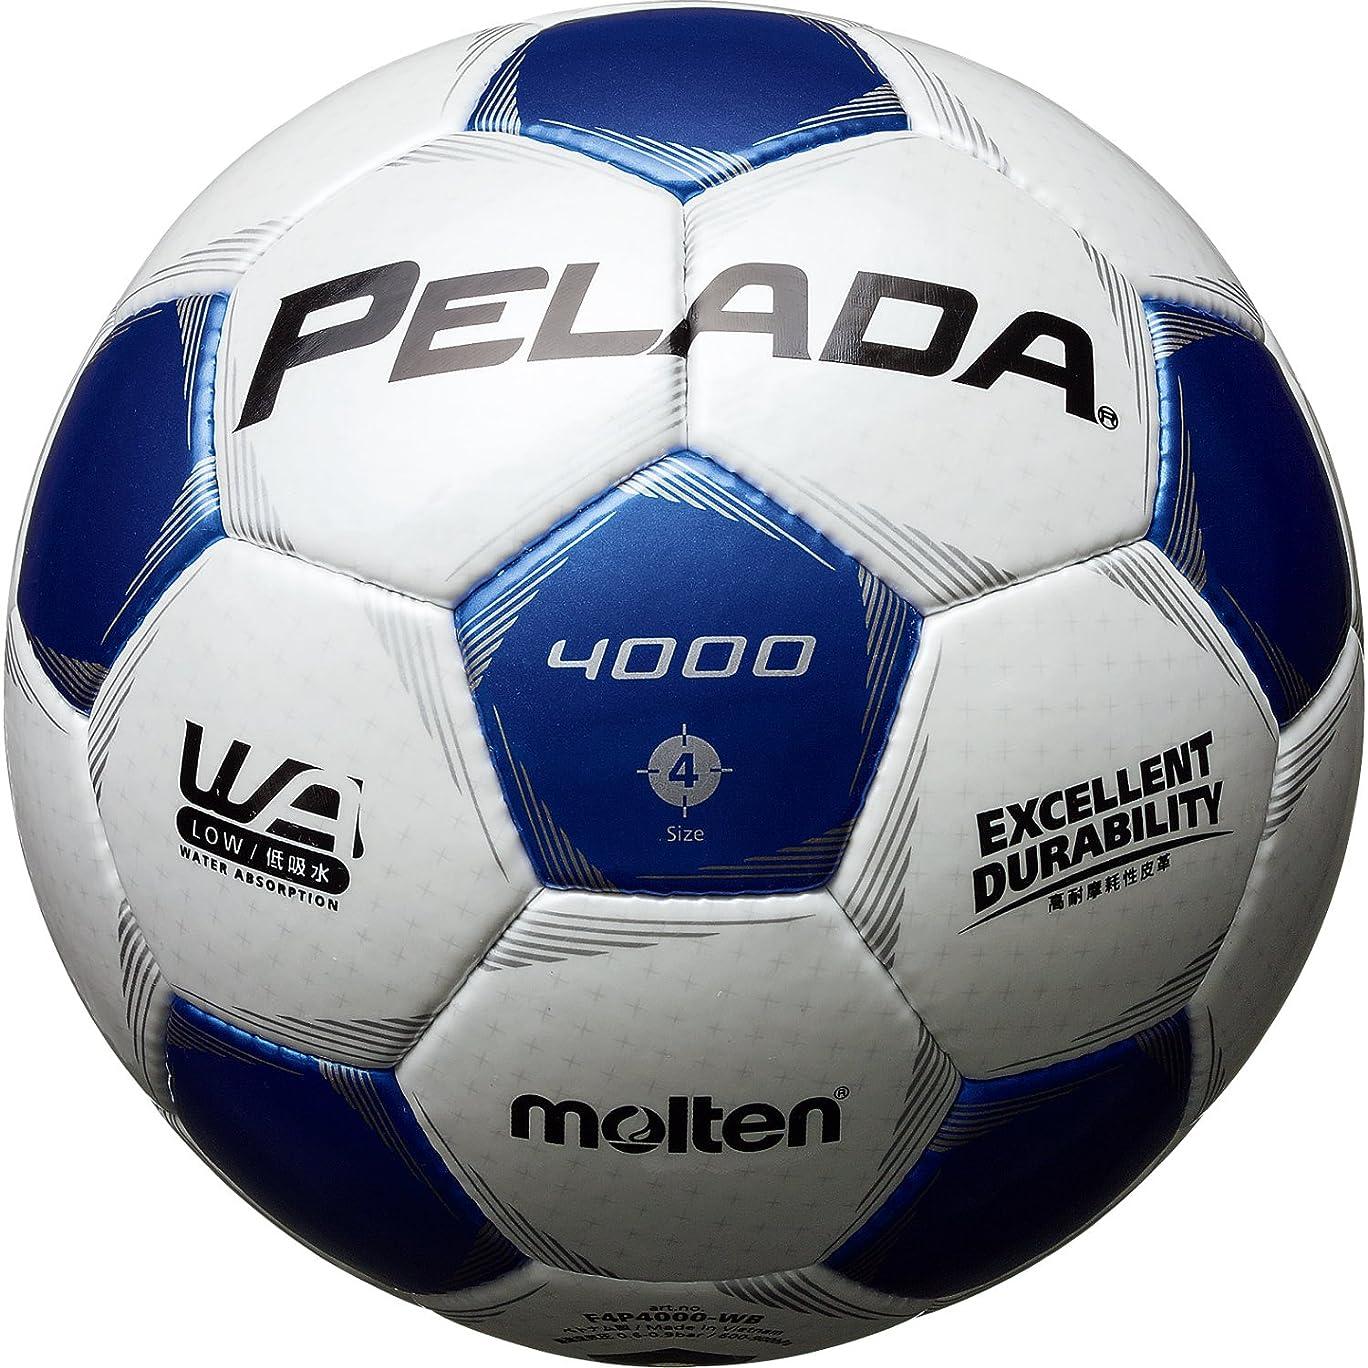 潤滑するマーベル本能molten(モルテン) サッカーボール ペレーダ4000   4号 白×青 F4P4000-WB